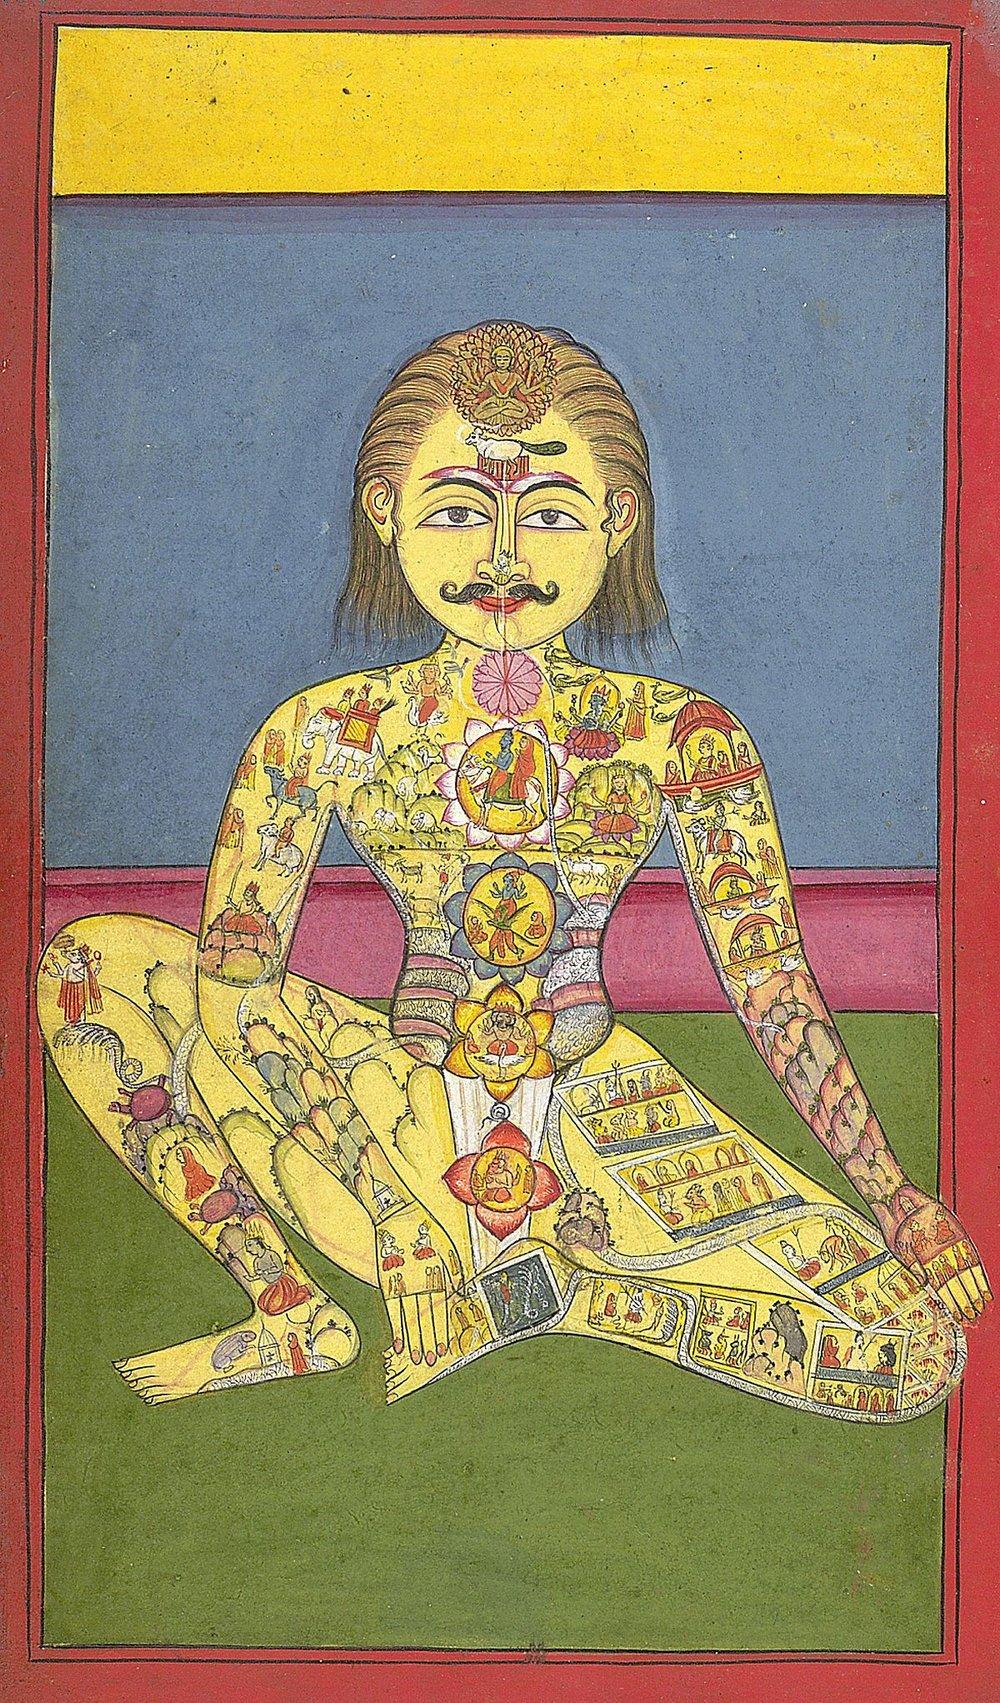 1200px-Sapta_Chakra,_1899.jpg